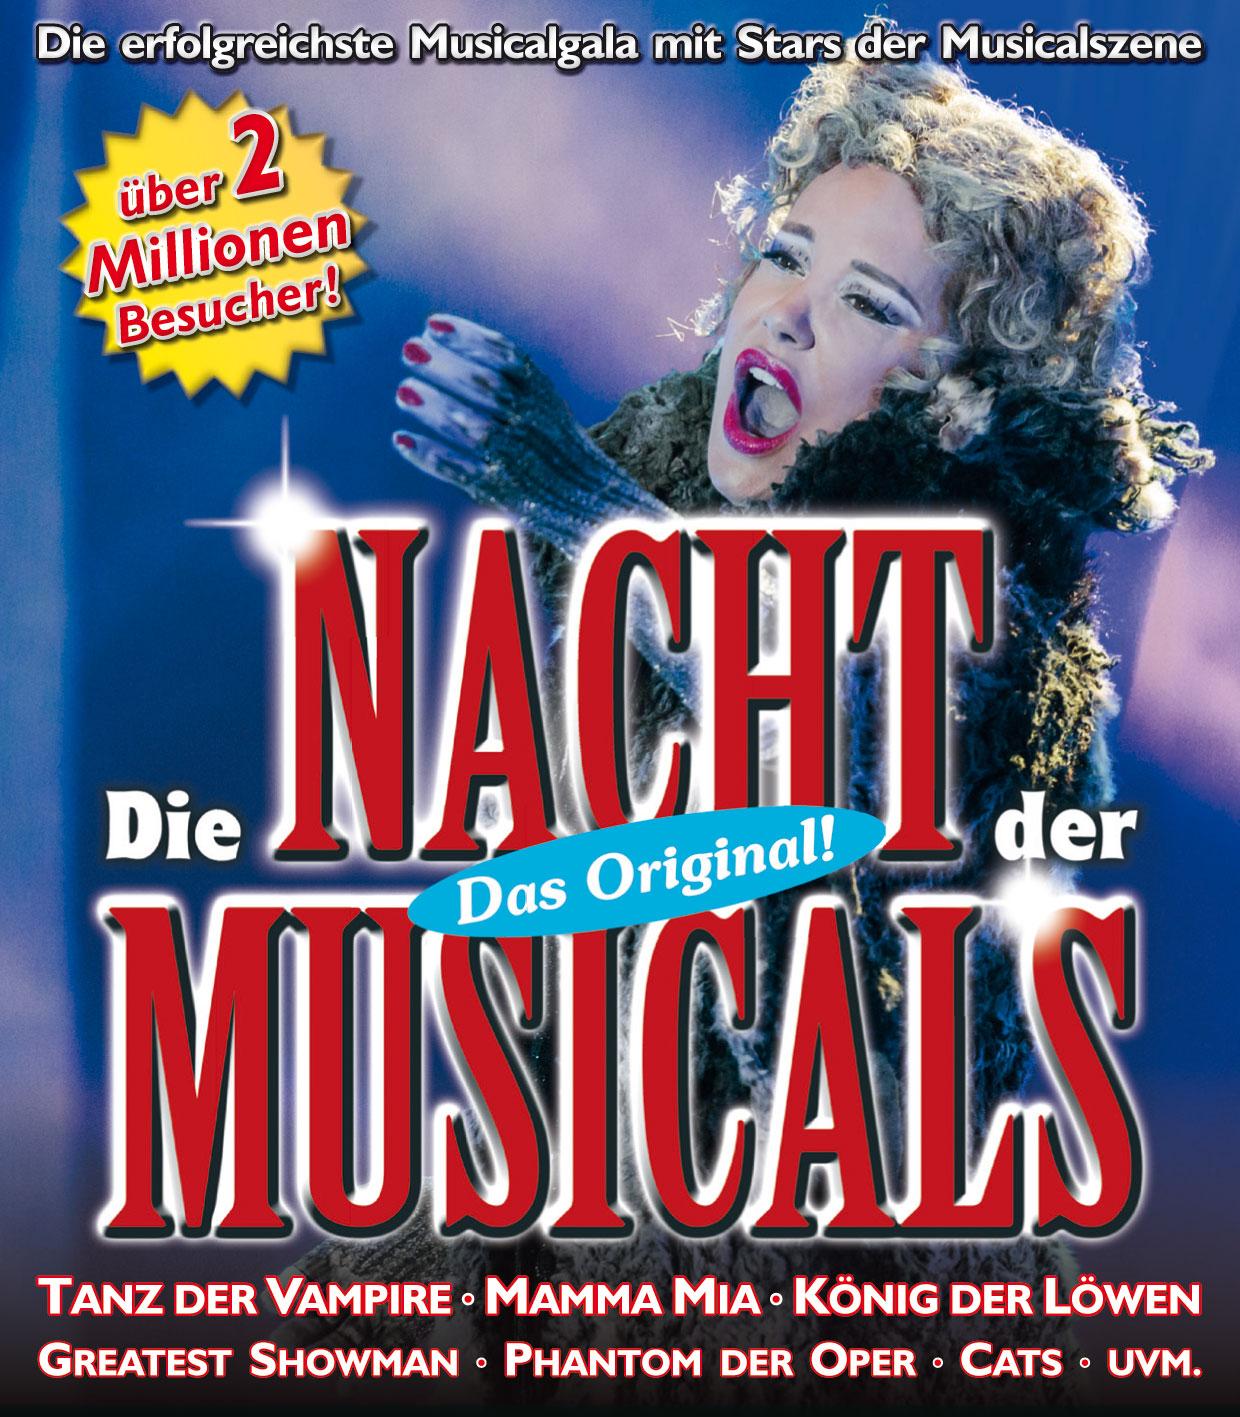 Die Nacht der Musicals 2019 in Göppingen